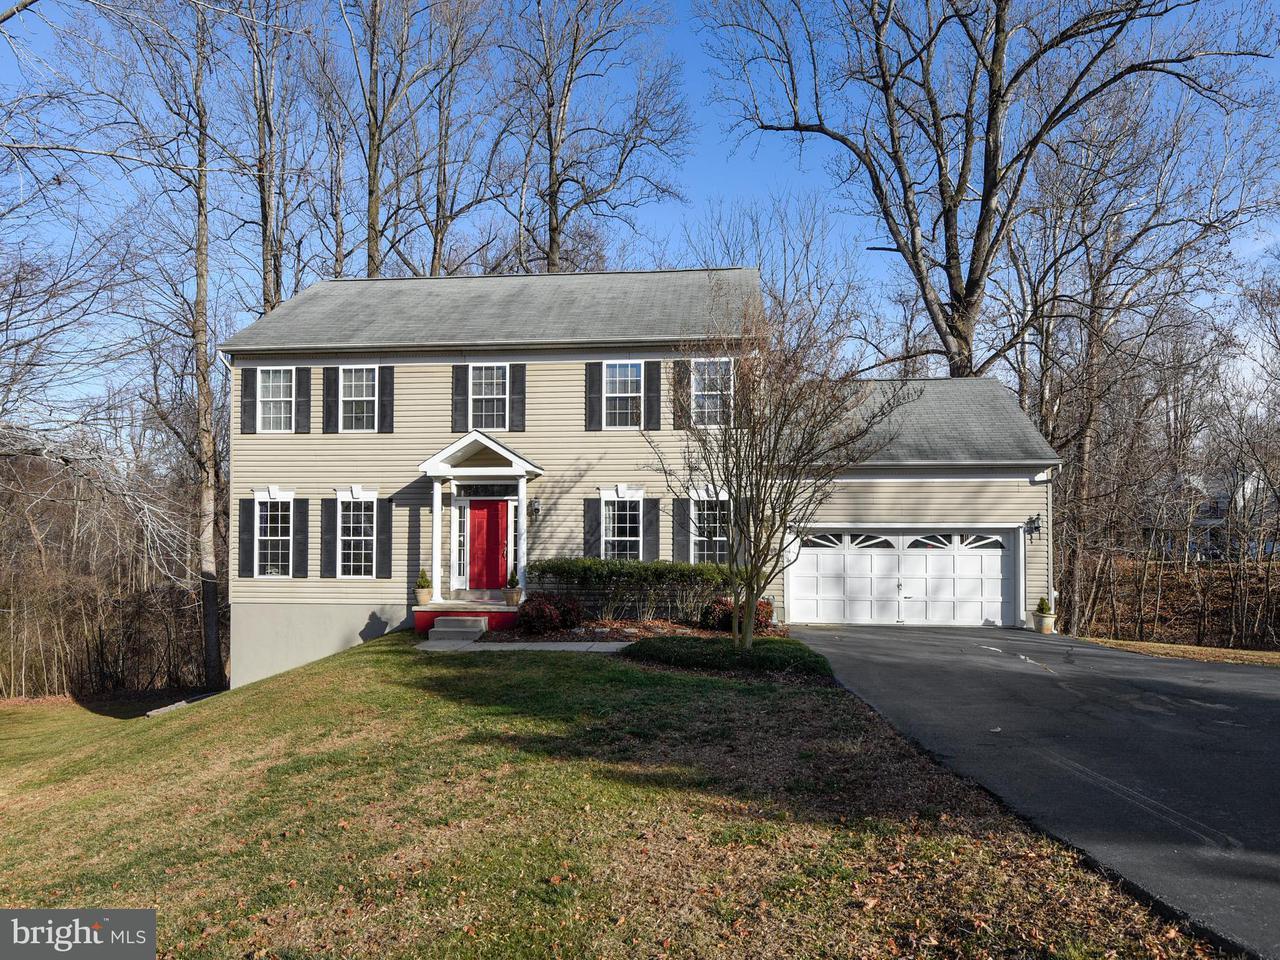 Μονοκατοικία για την Πώληση στο 3335 Blue Heron Dr N 3335 Blue Heron Dr N Chesapeake Beach, Μεριλαντ 20732 Ηνωμενεσ Πολιτειεσ